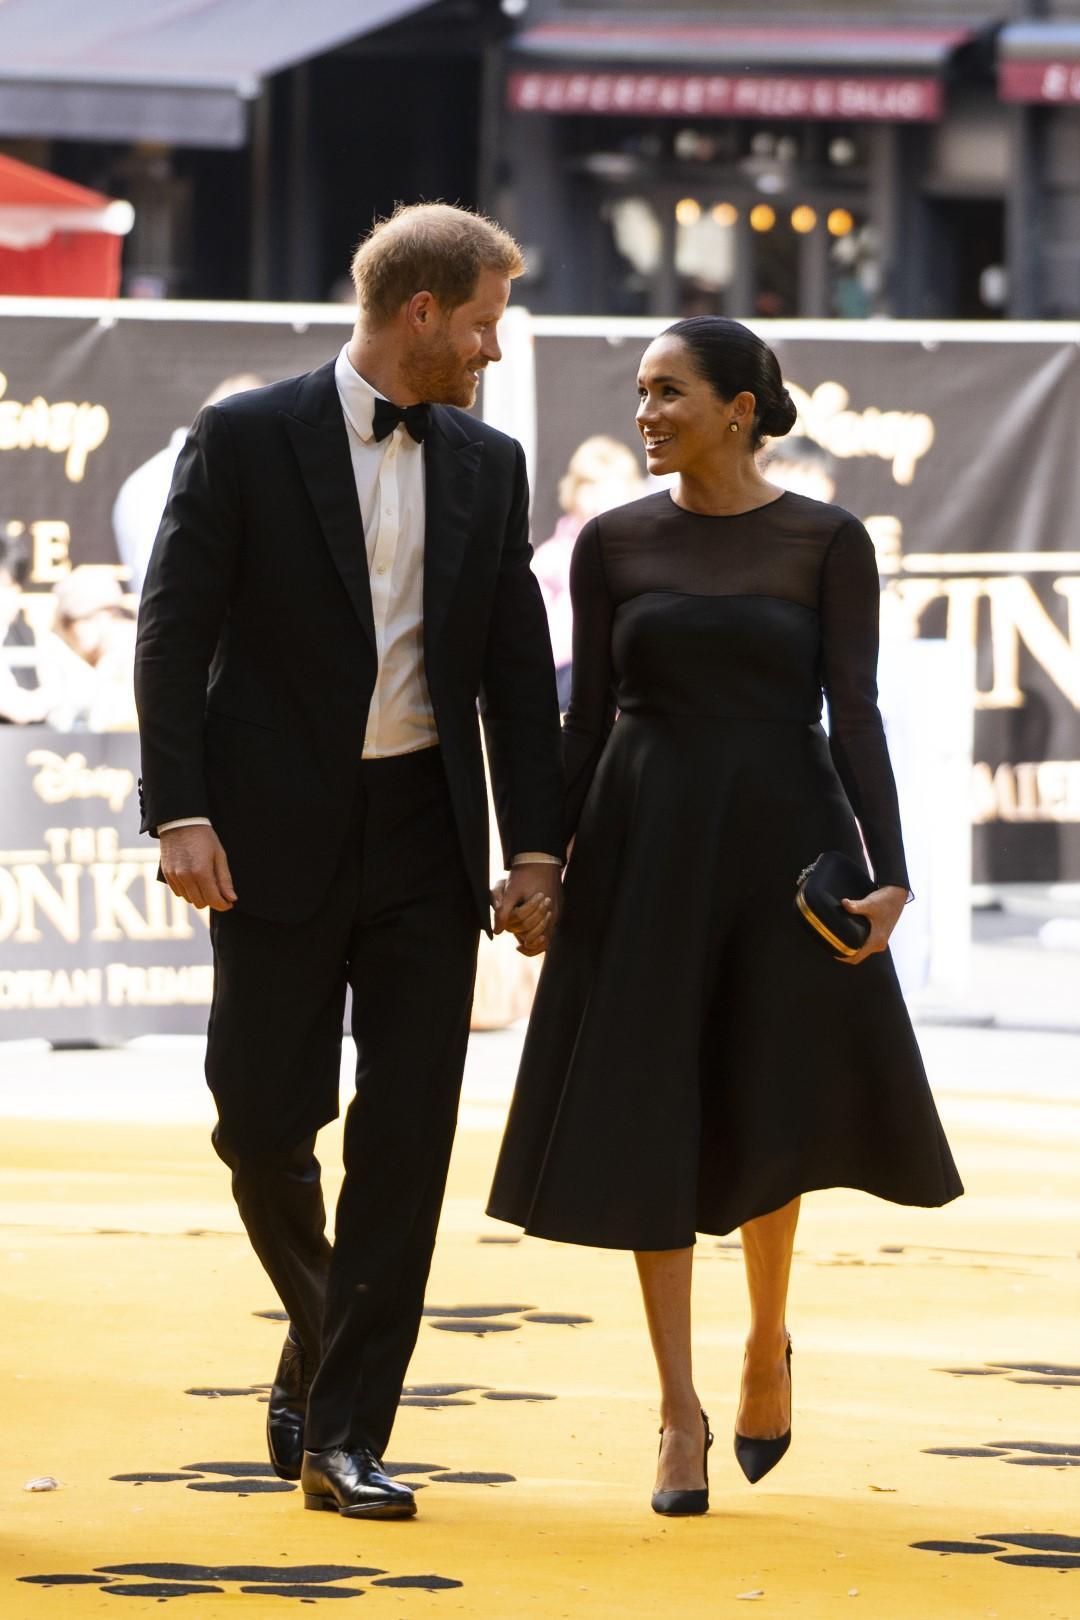 Elogio dell'abito nero: perché sta bene a tutte e semplifica la vita